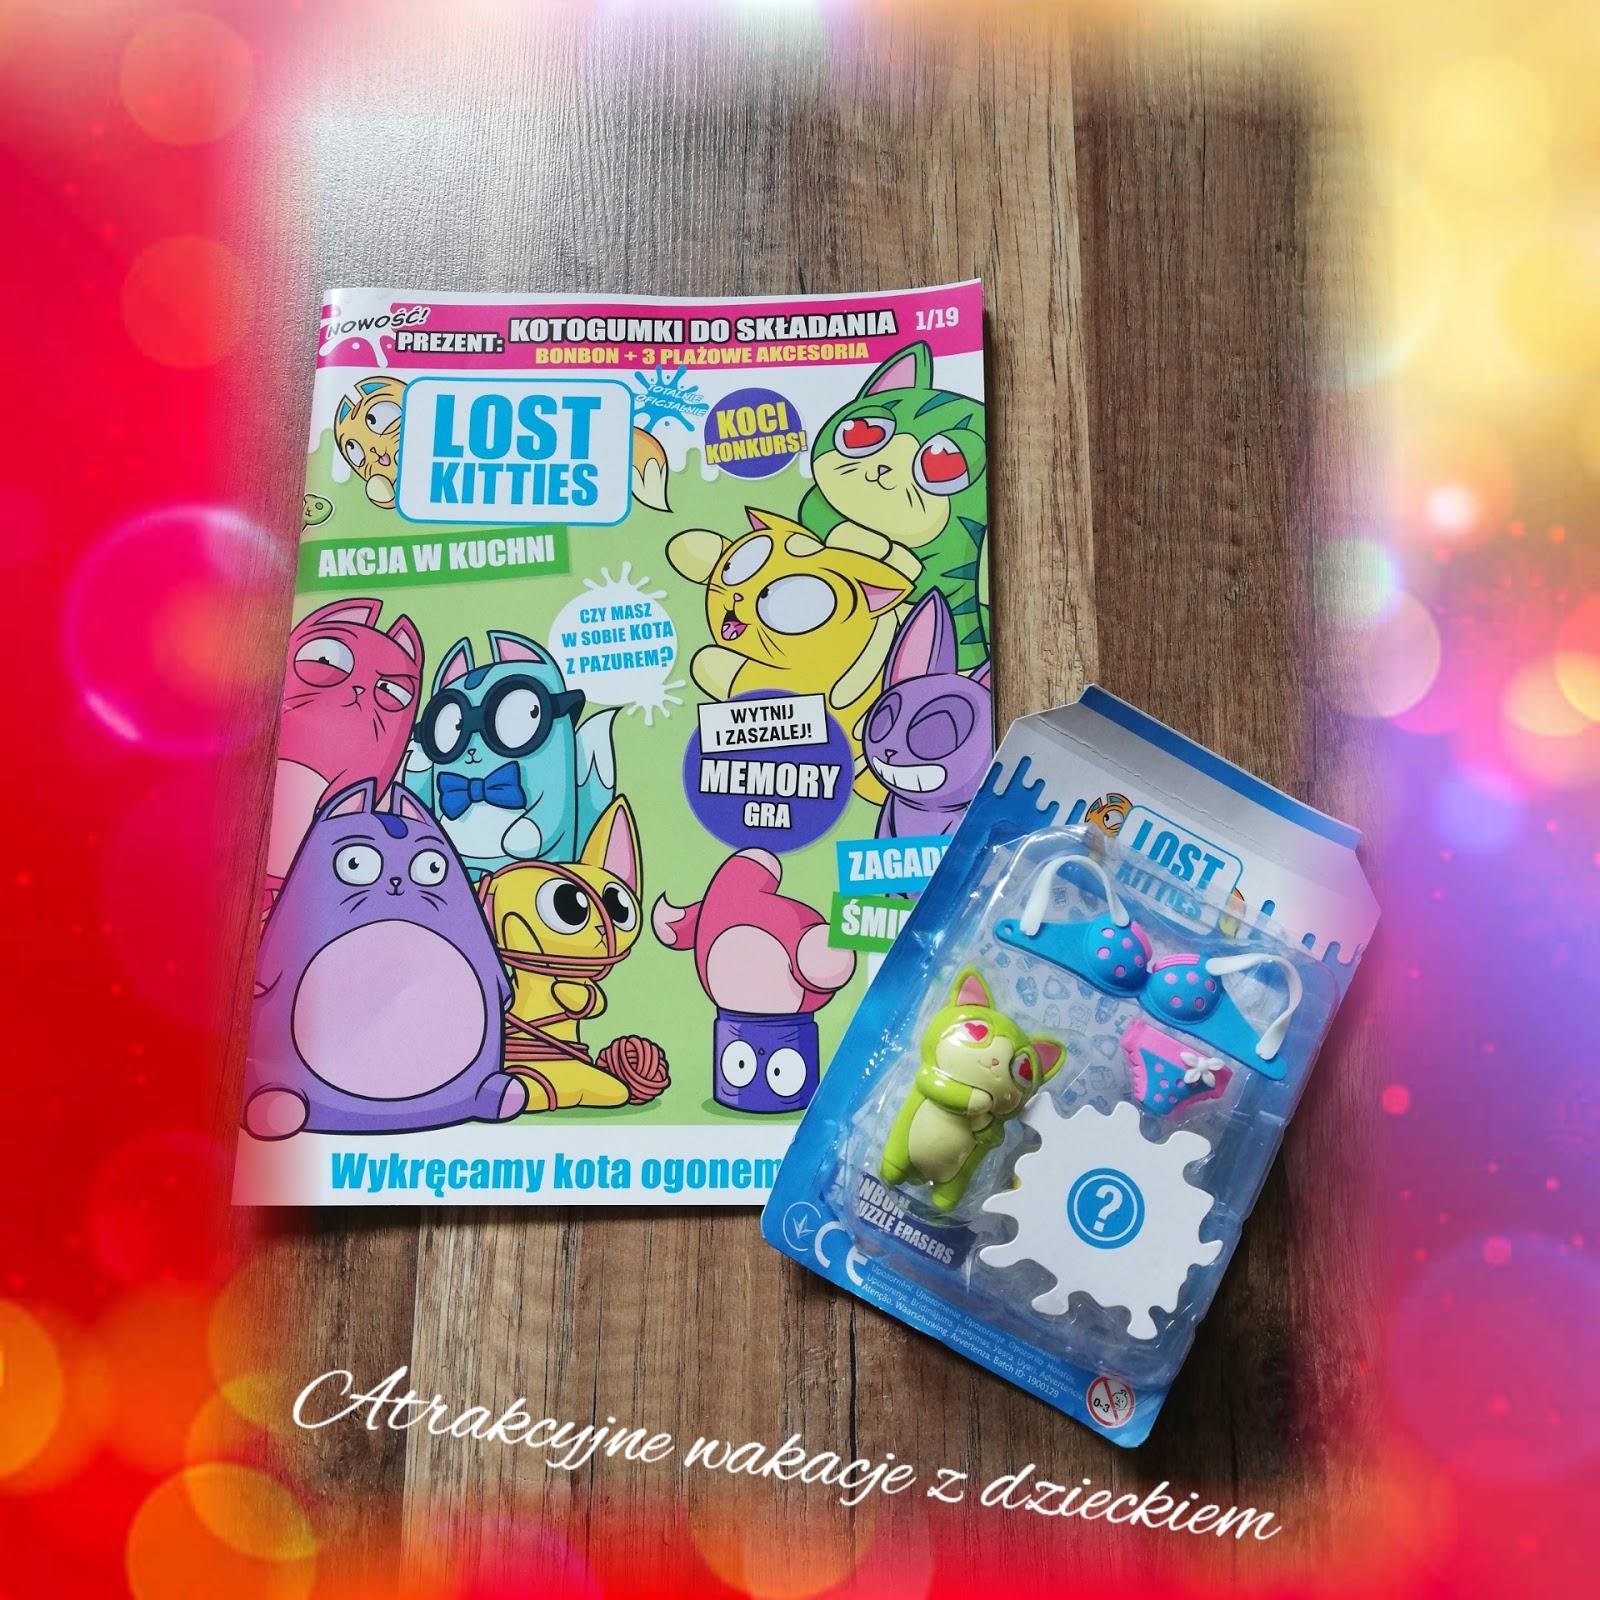 Lost Kitties - Magazyn dla dzieci - Egmont